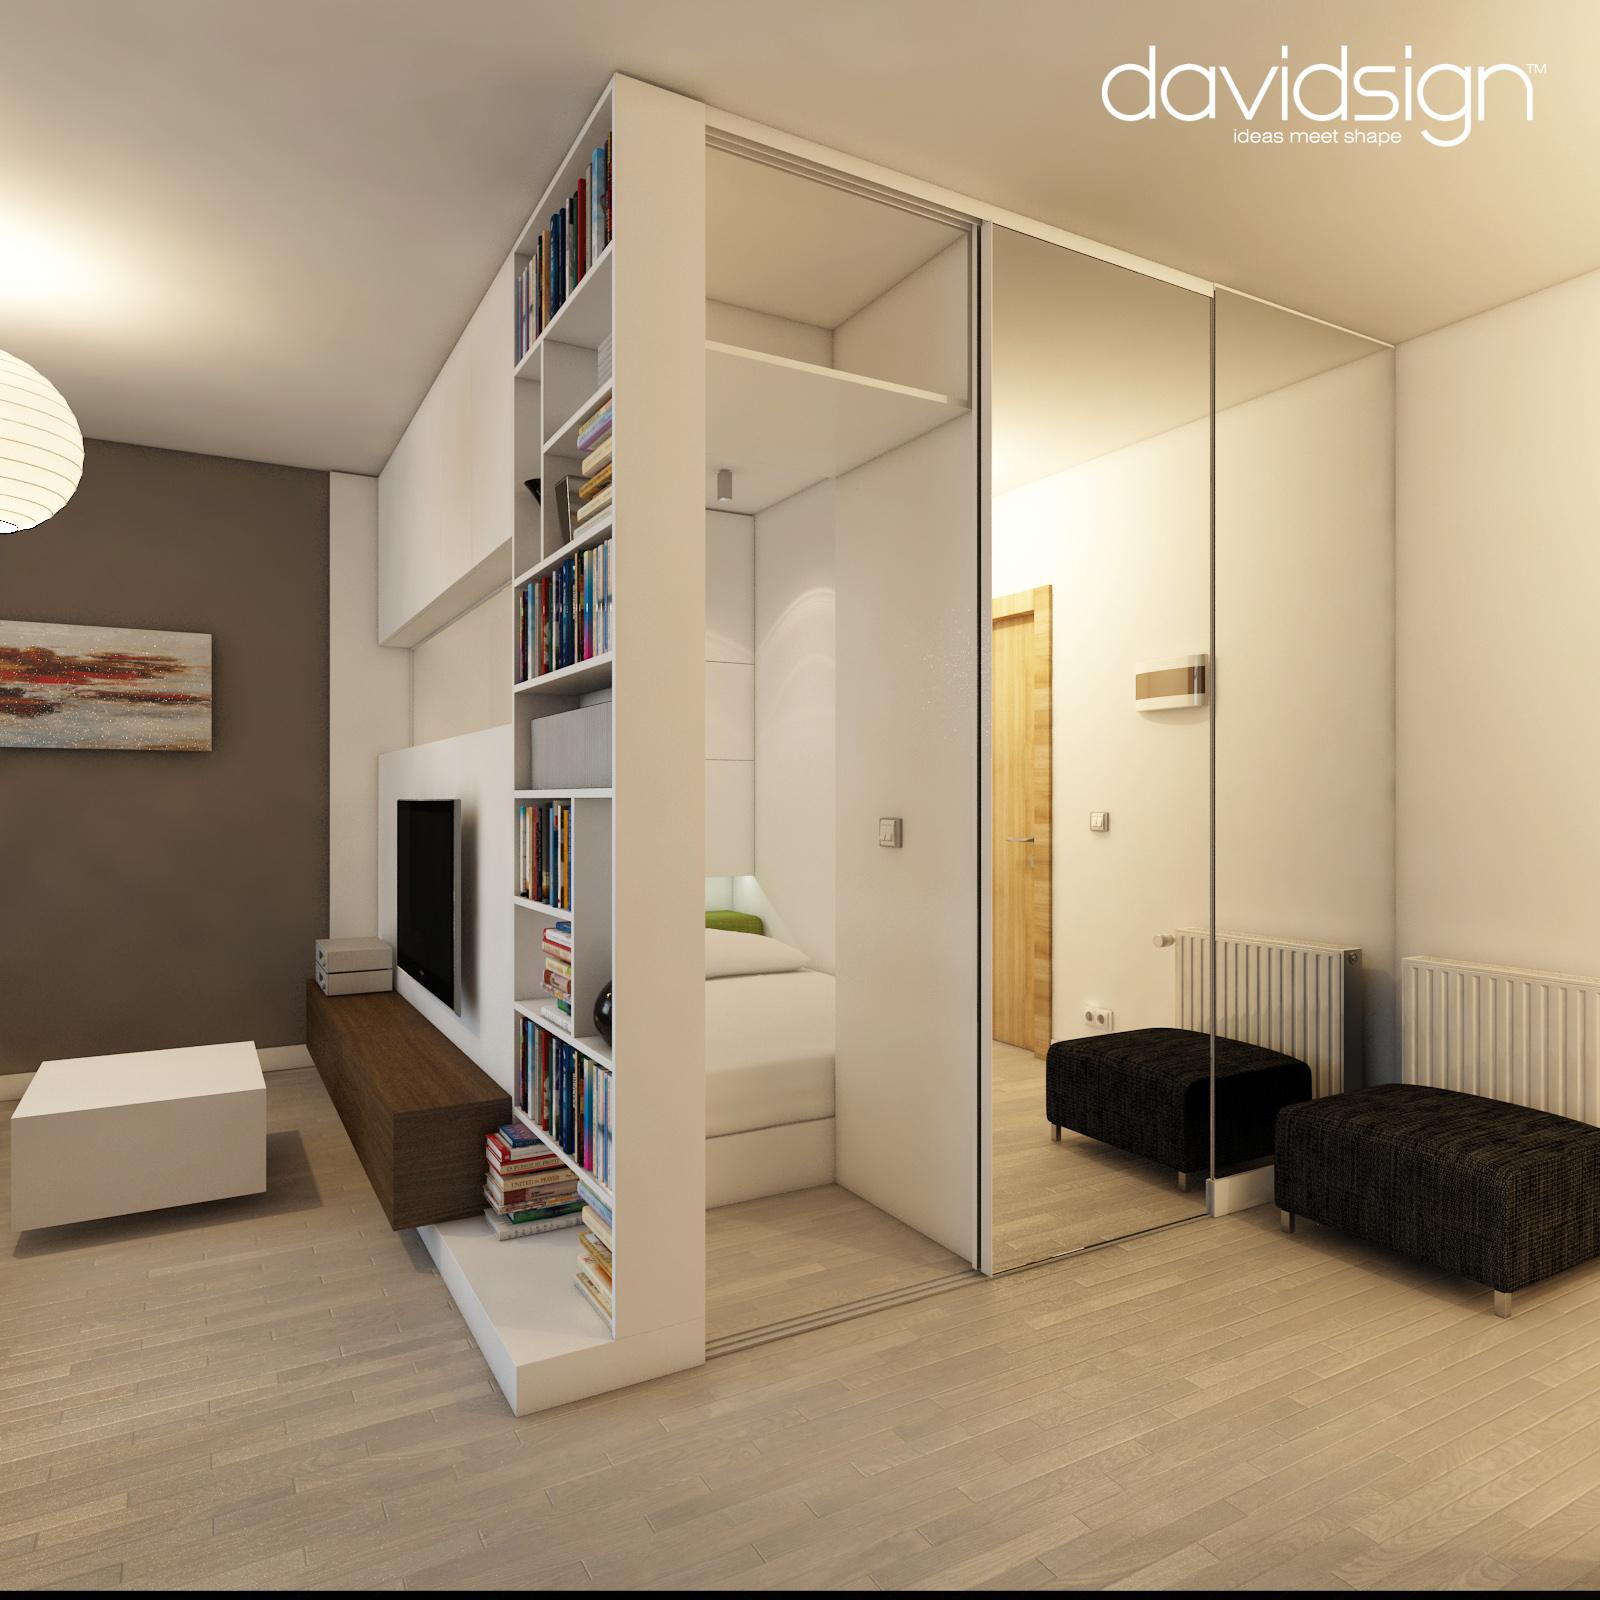 Design interior pentru apartament n chi in u davidsign blog - Design interior apartamente ...